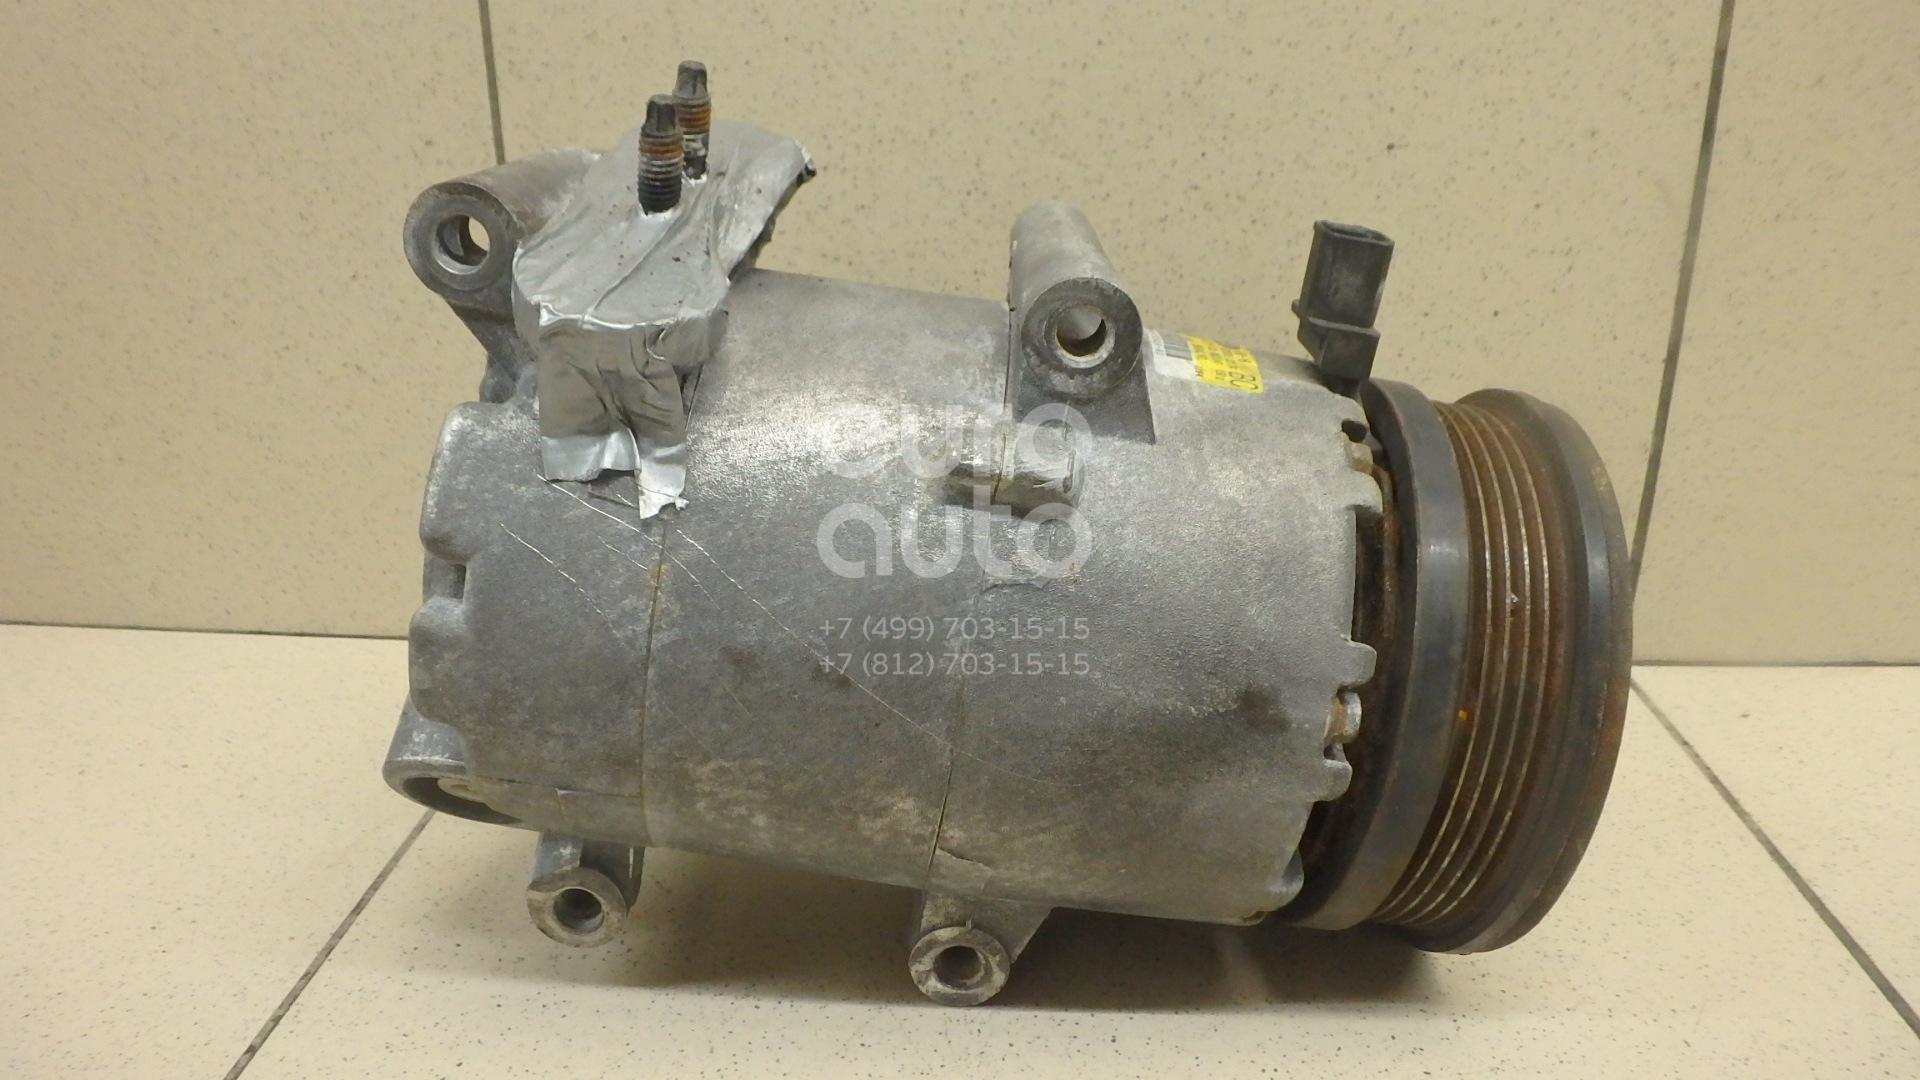 Купить Компрессор системы кондиционирования Ford Focus III 2011-; (CV6Z19703B)